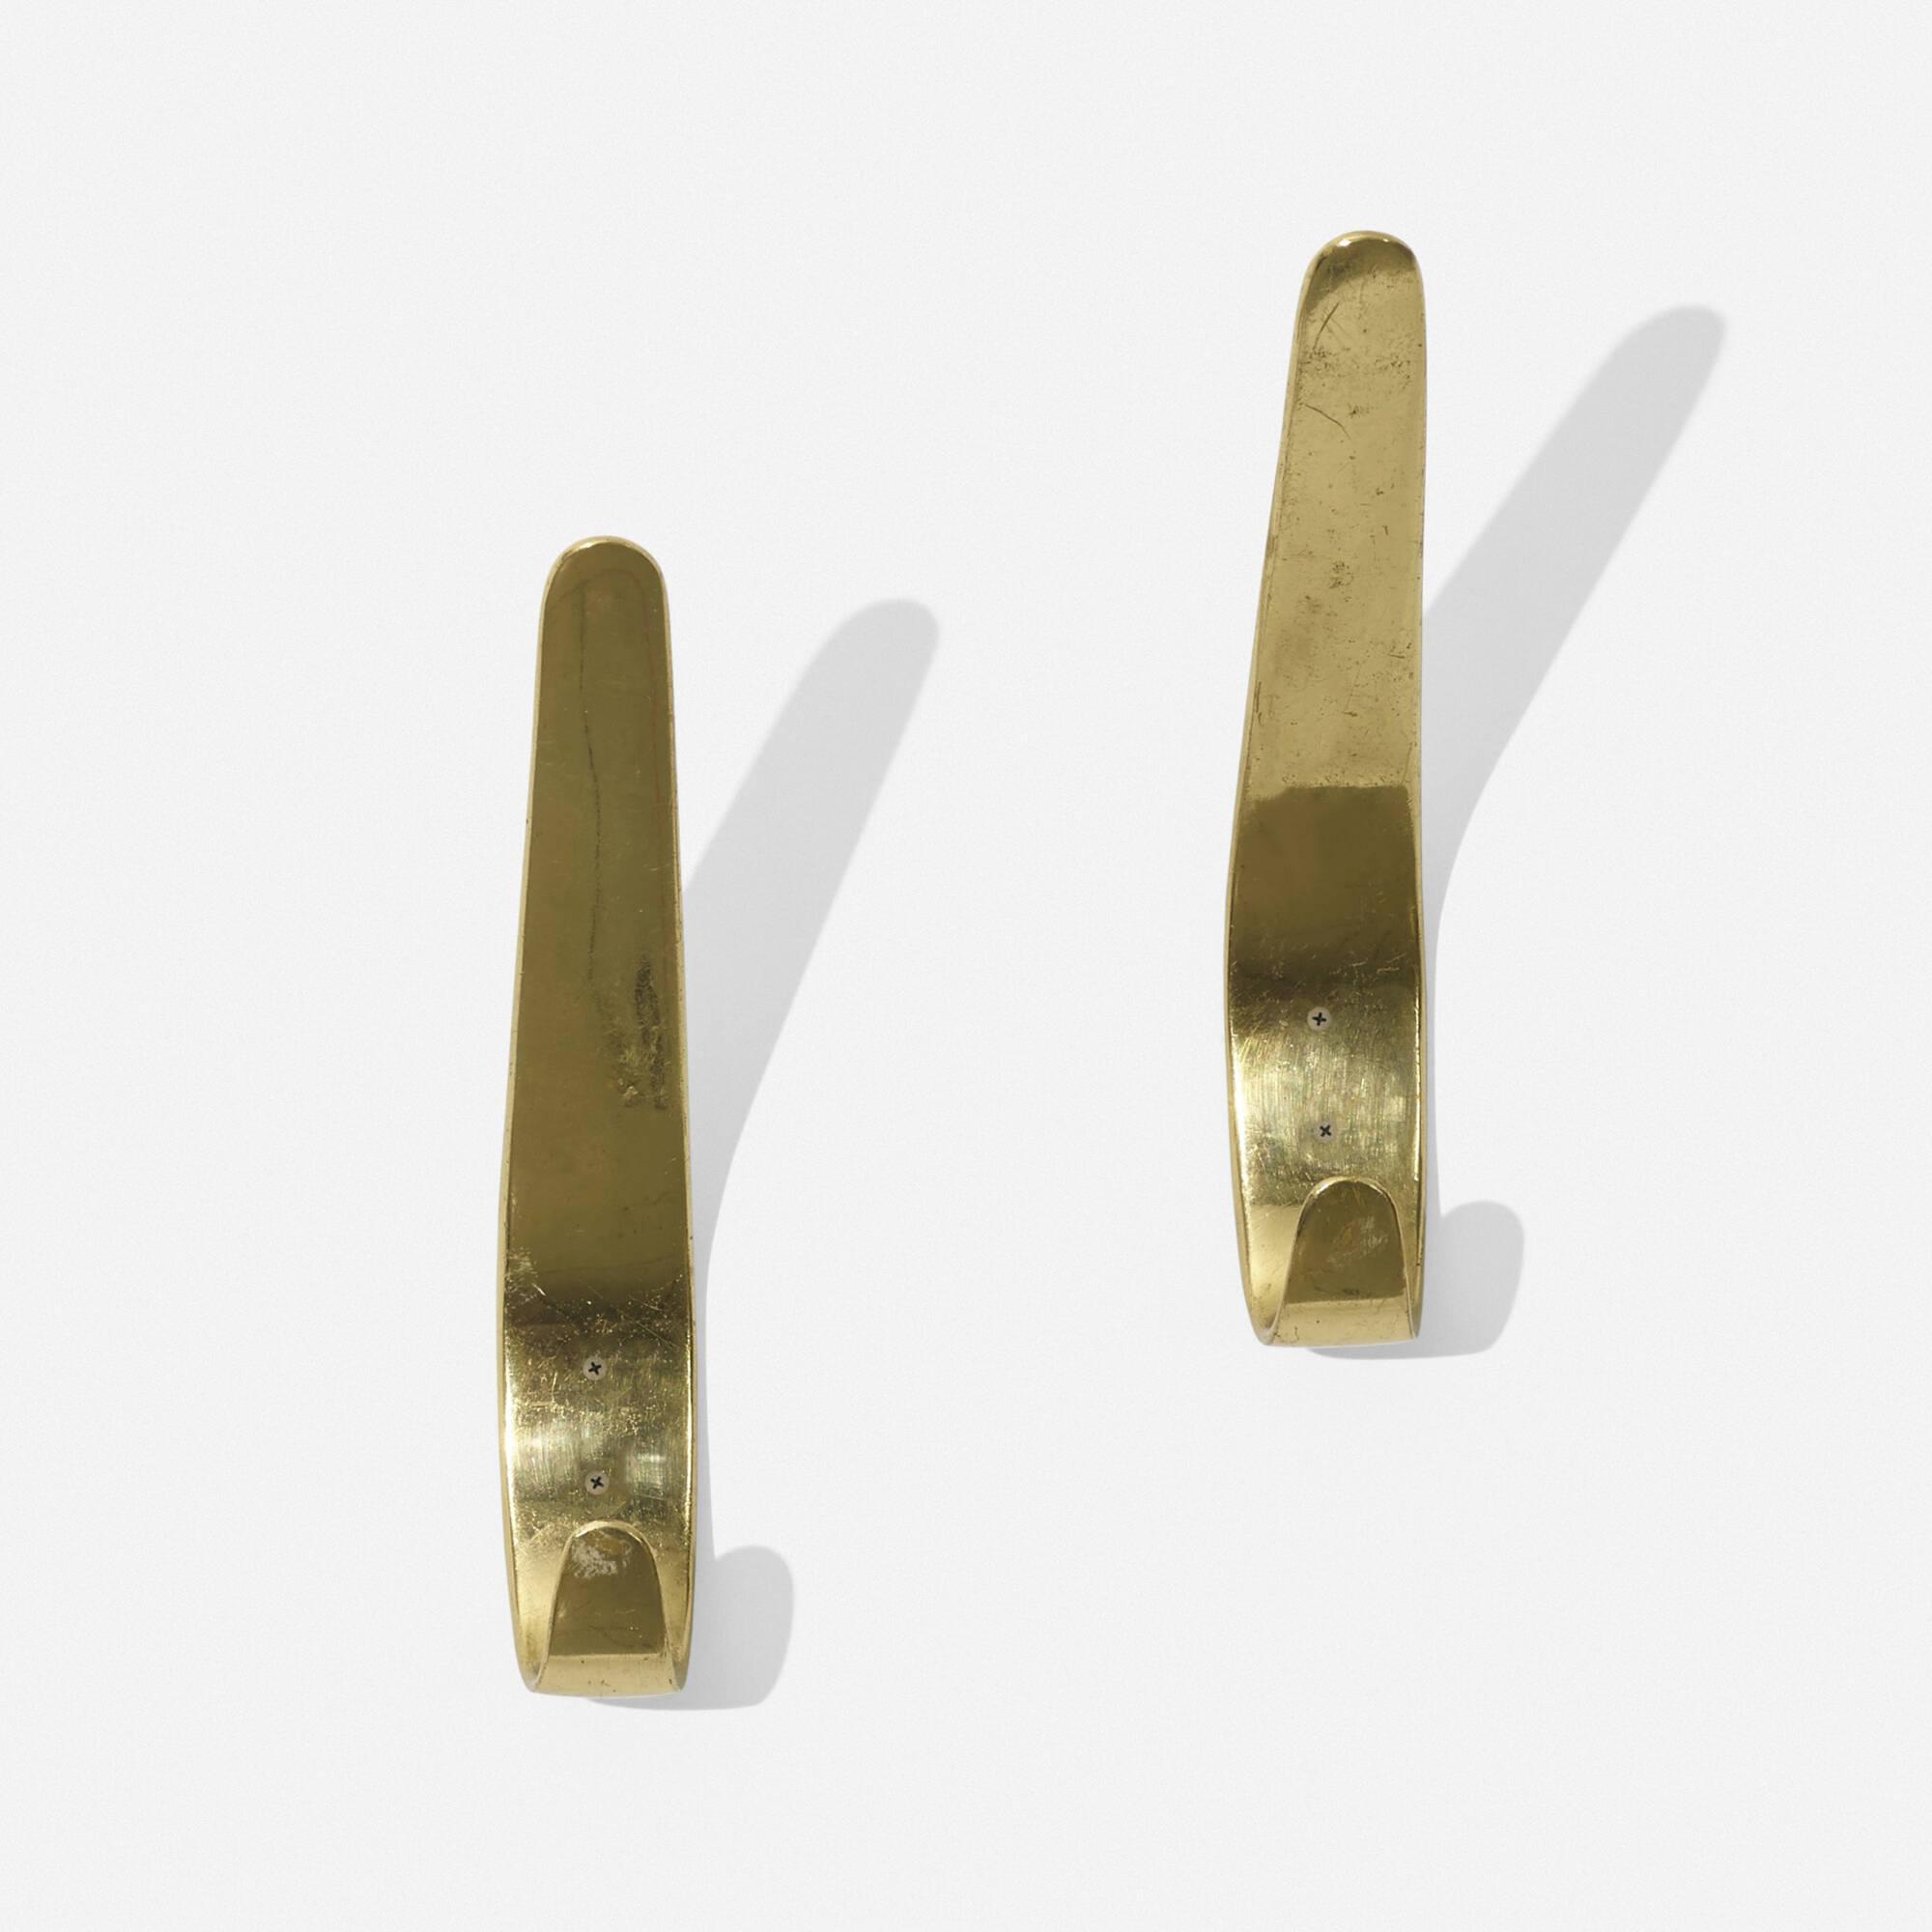 125: Carl Auböck II / wall hooks, pair (2 of 2)